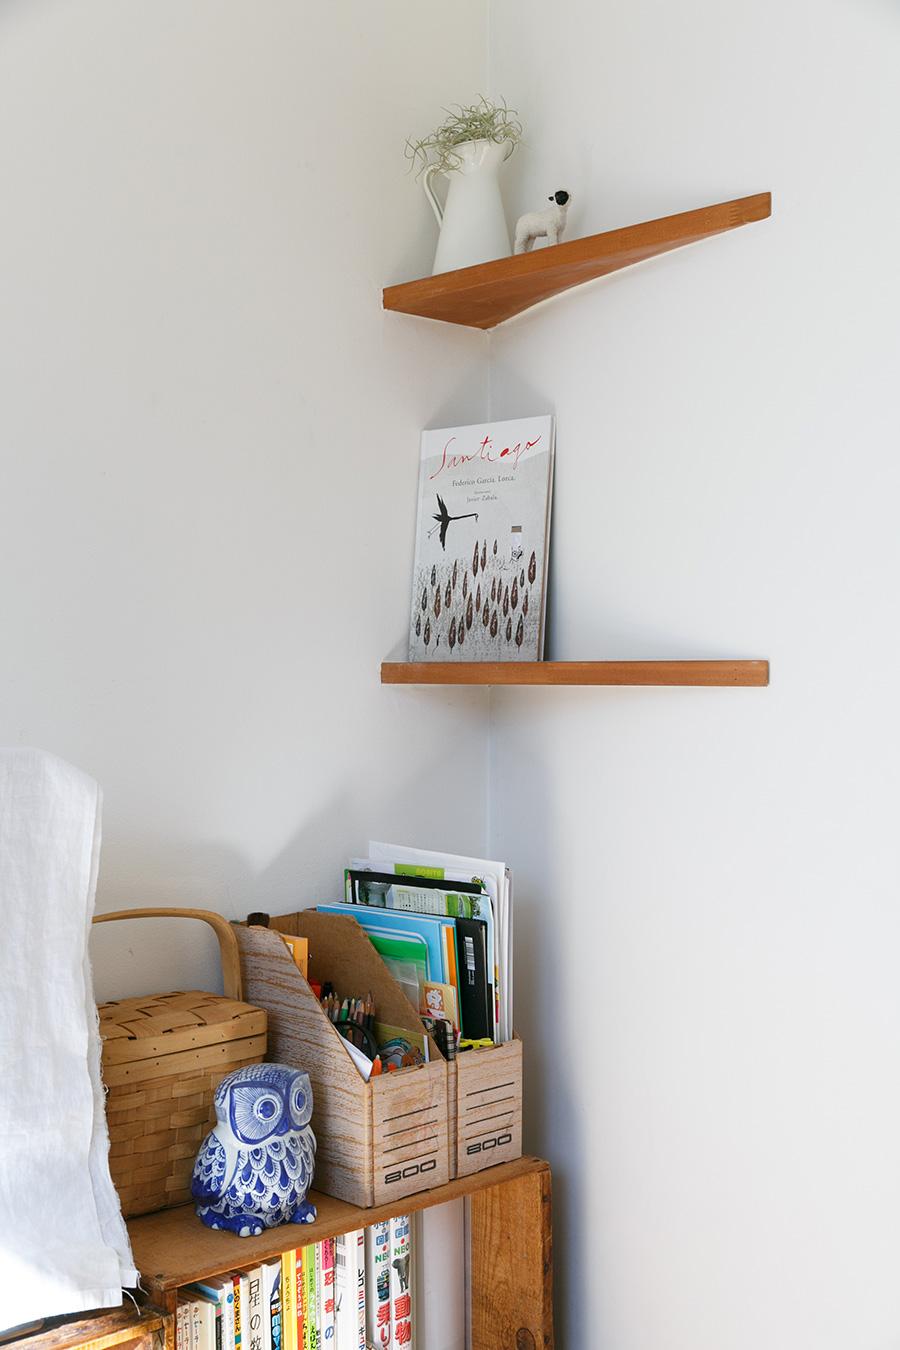 壁の終点には、円を描くことで生まれるスペースに固定の飾り棚を設けた。